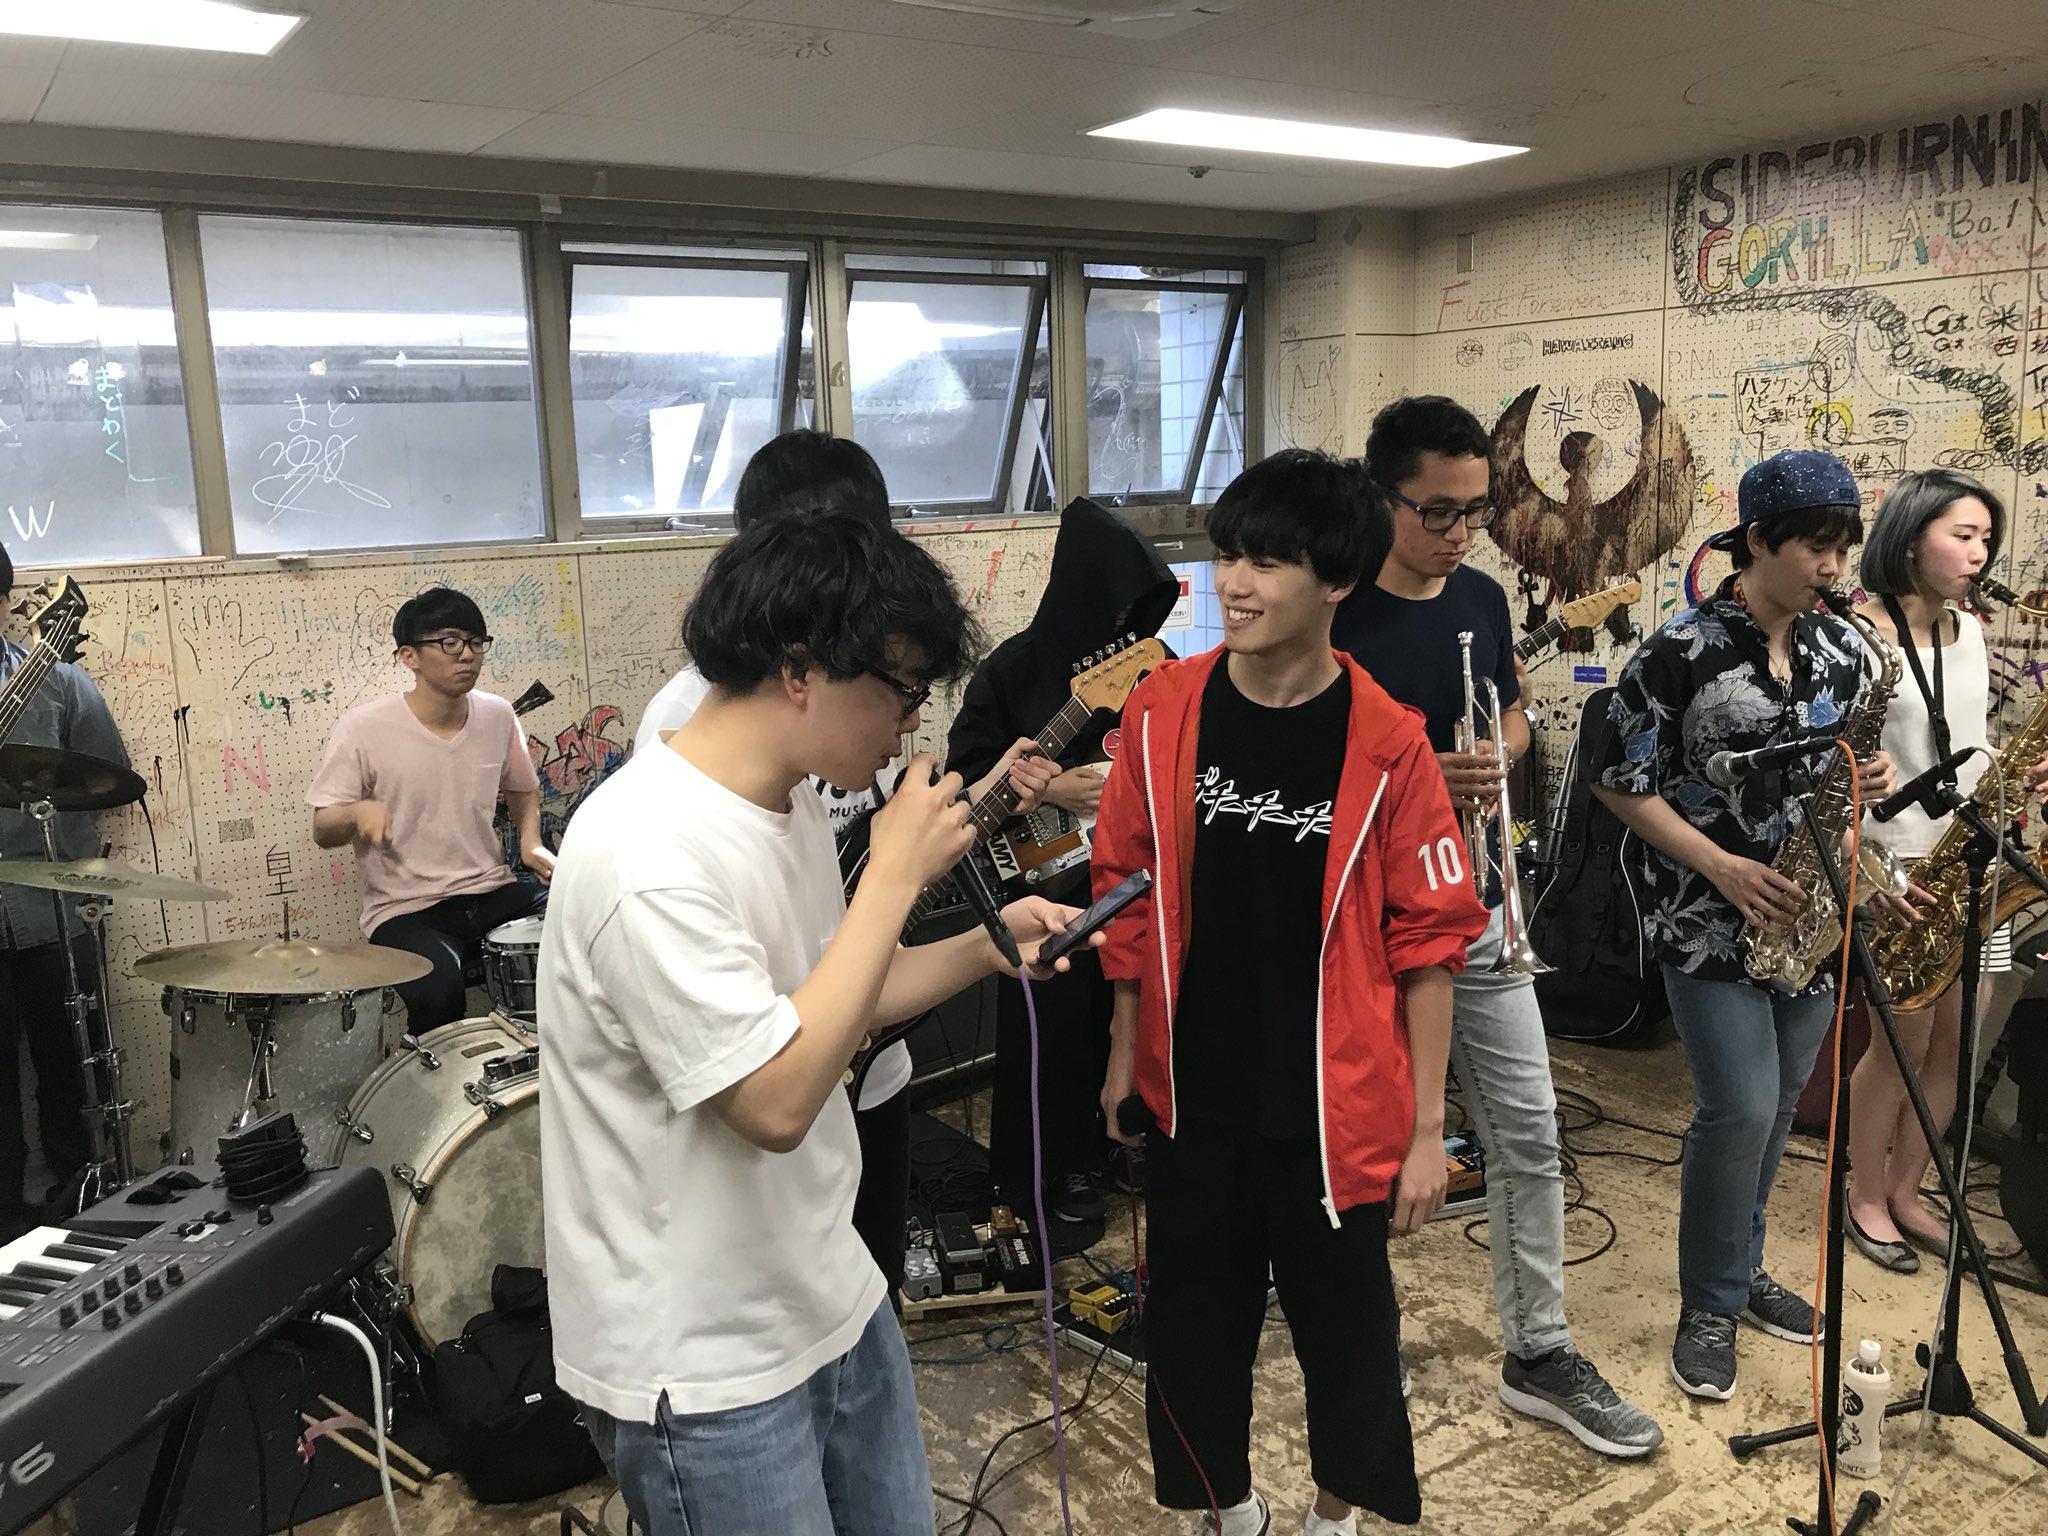 Keio students rehearse funk music at Hiyoshi campus